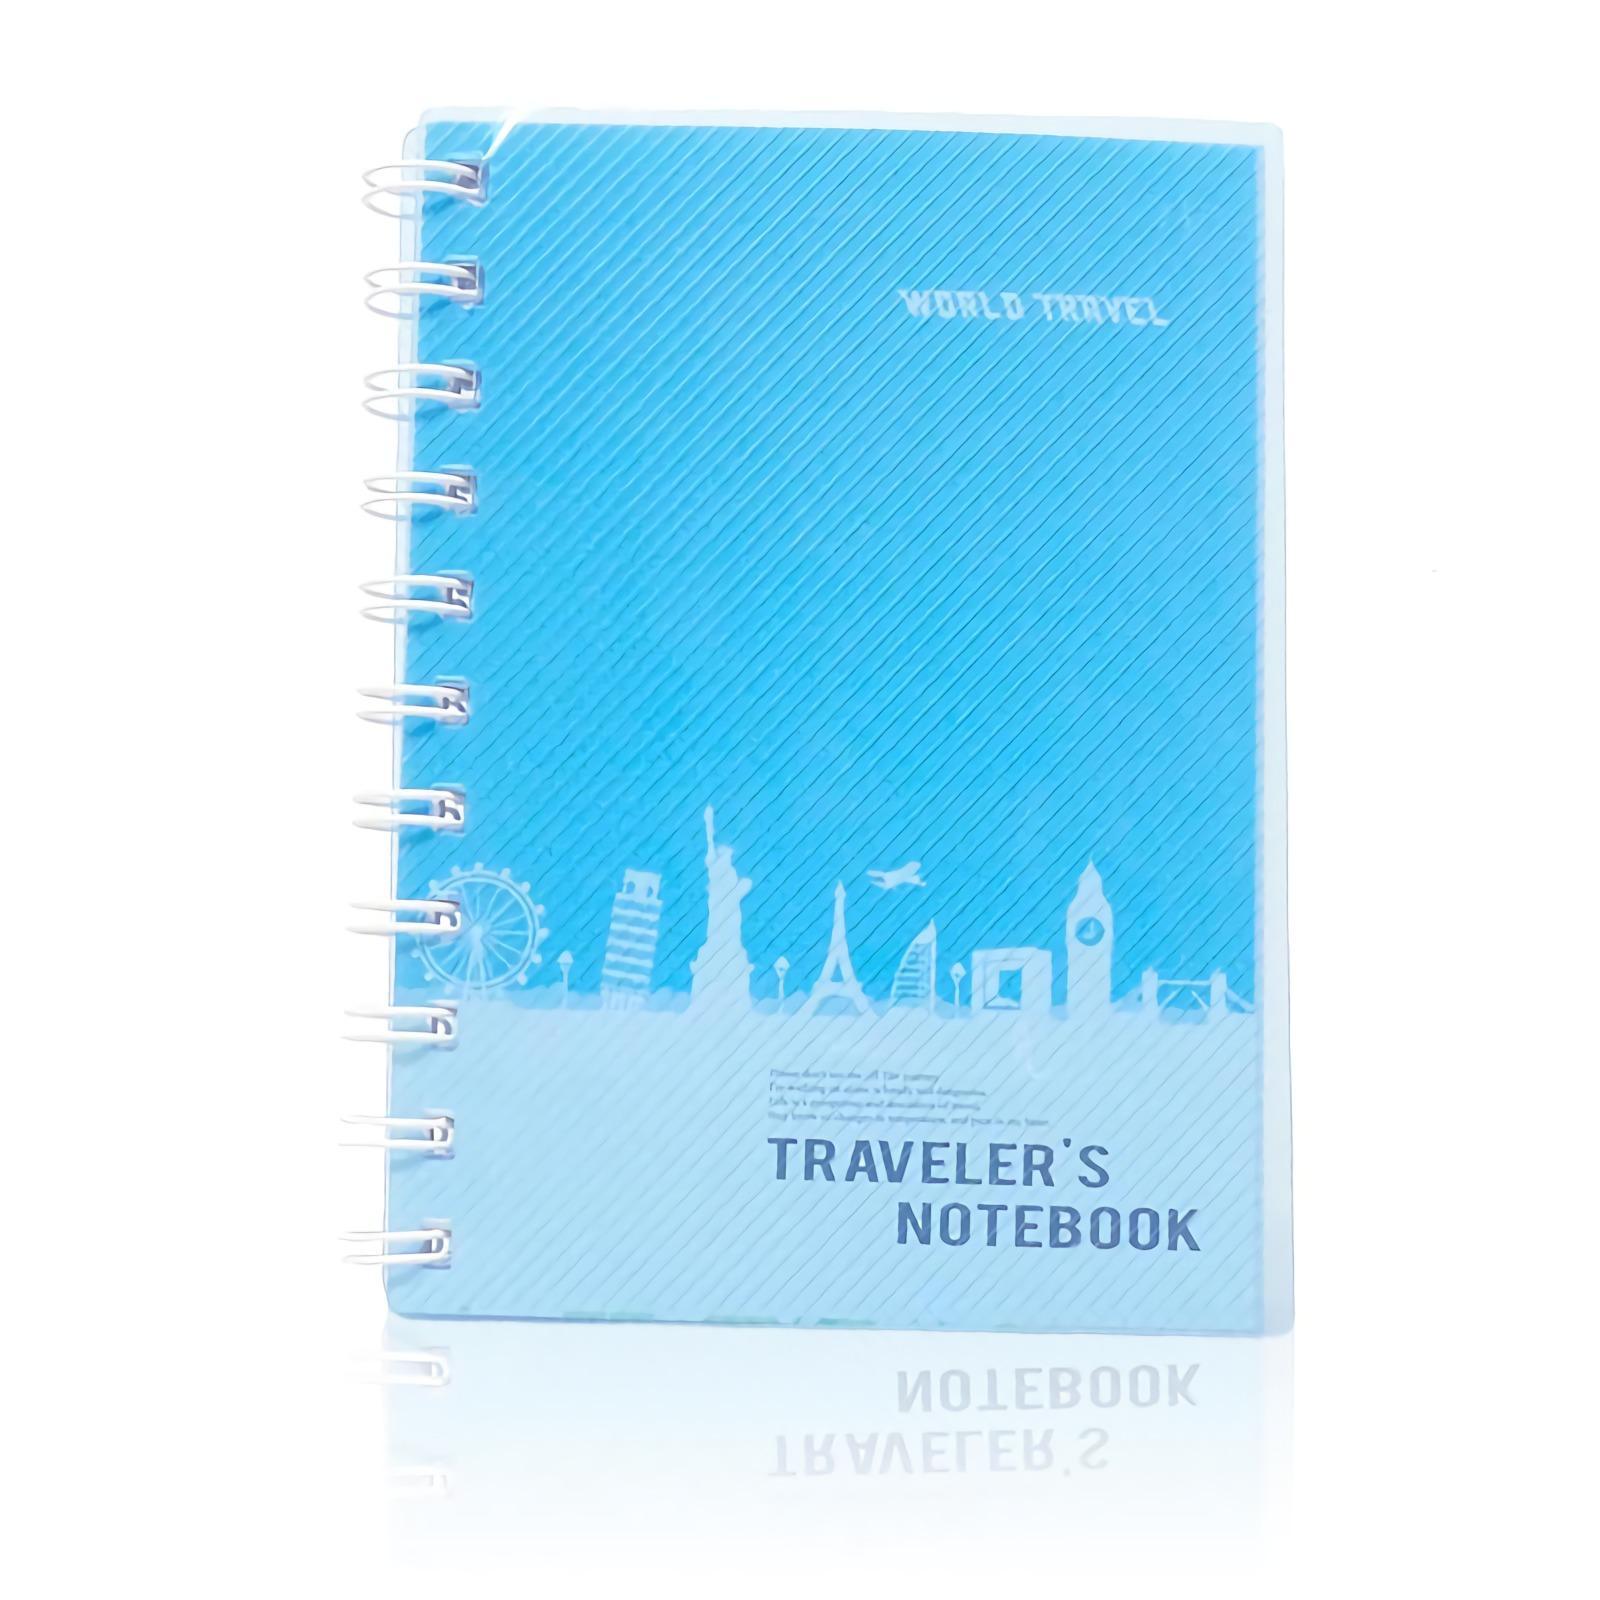 OHOME Buku Tulis [77 Lembar] Note Book Ukuran A6 Notebook Catatan MS-GB-50100-36 Biru